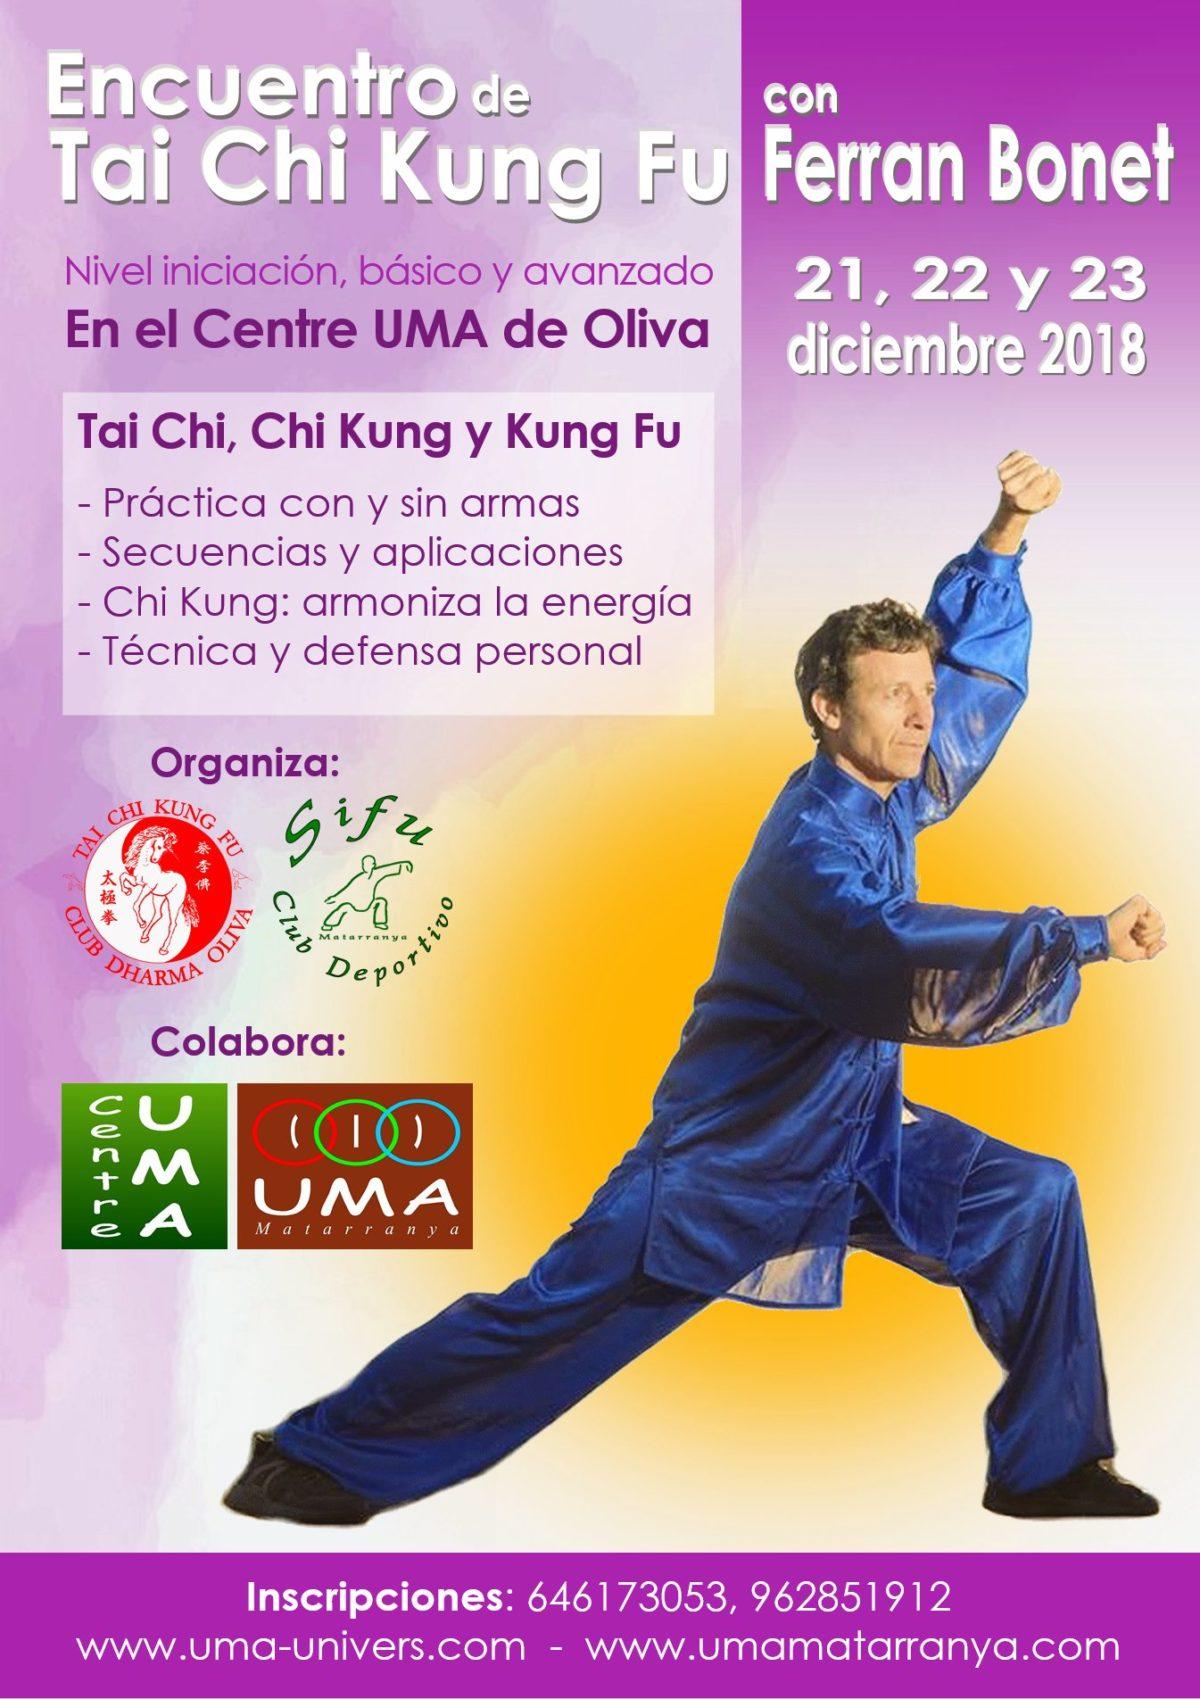 Encuentro de Tai Chi Kung Fu en Oliva